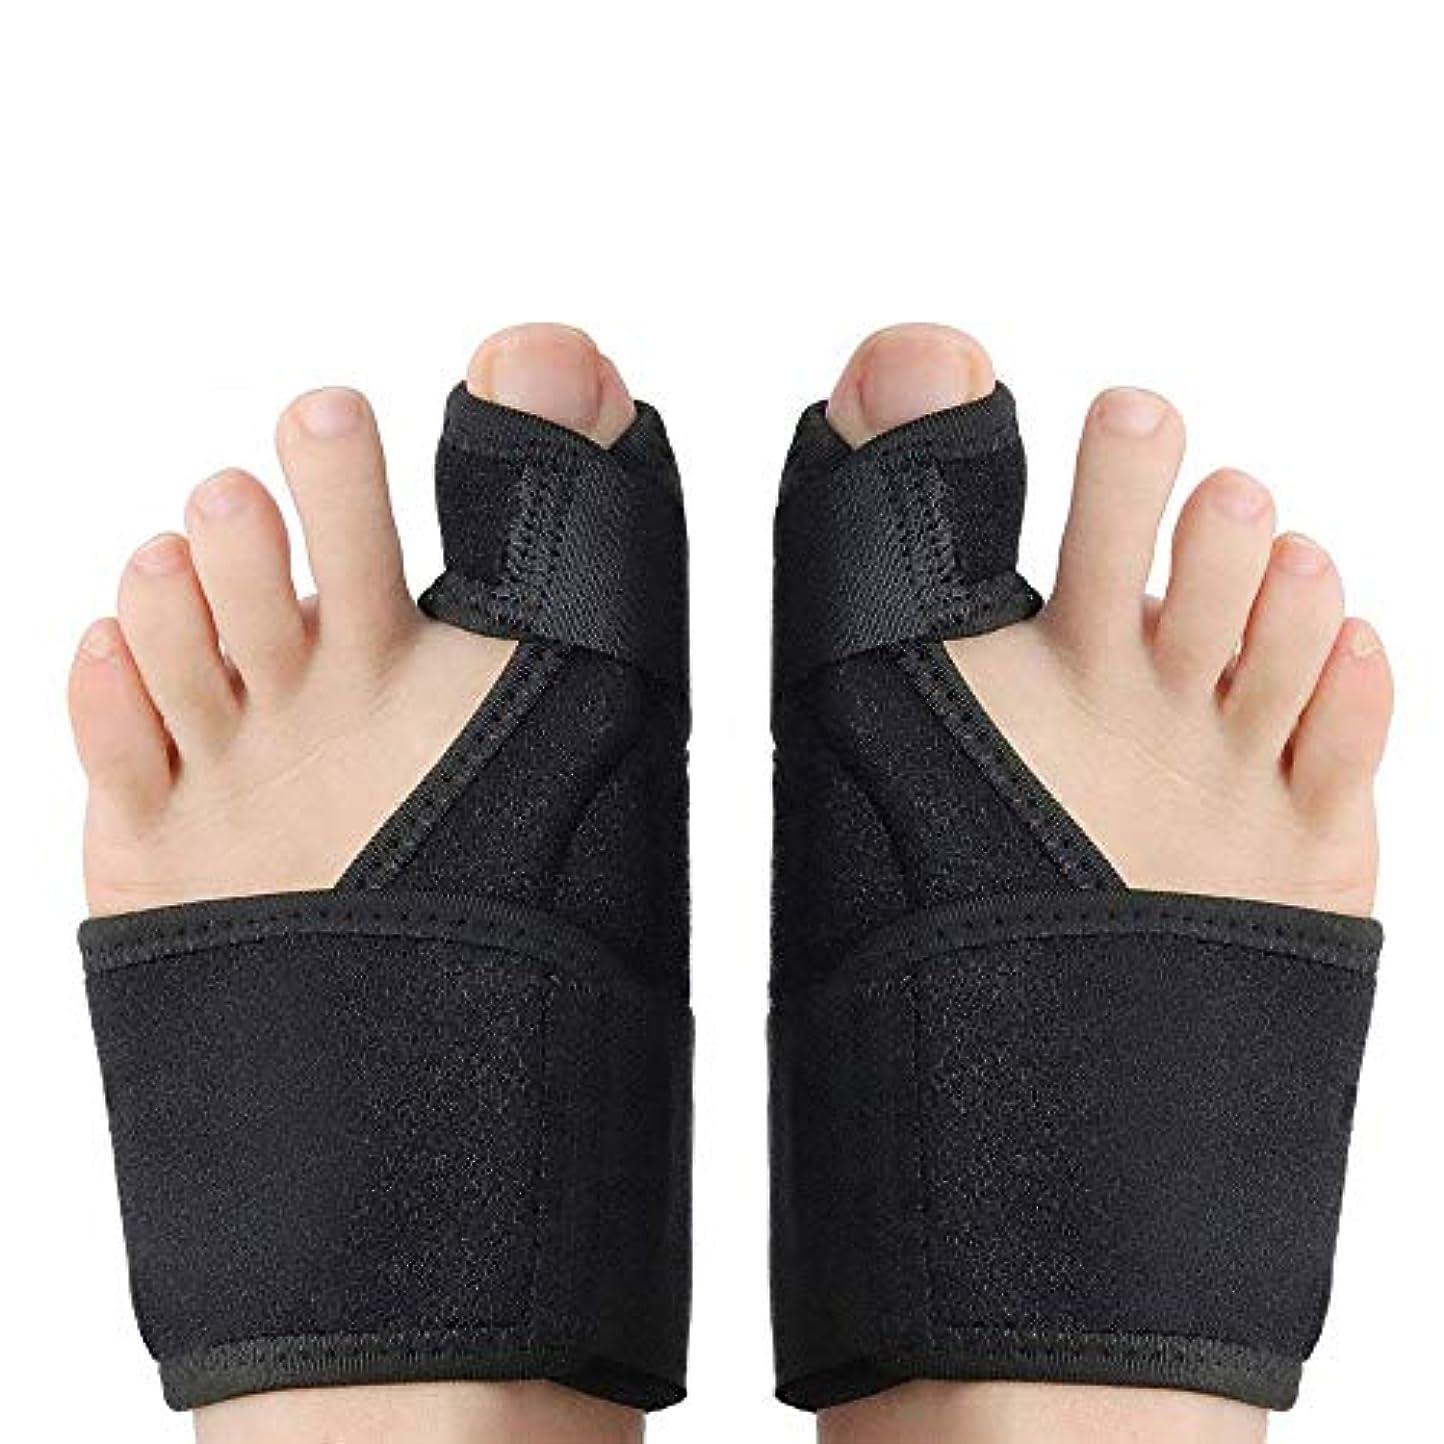 エクスタシー感じる自分自身腱膜矯正および腱膜弛緩、整形外科用ビッグトゥストレートナー、デイナイトサポート、御馳走およびHallux外反のアップグレードパッケージビッグトゥ外反装具快適な外反ベルト